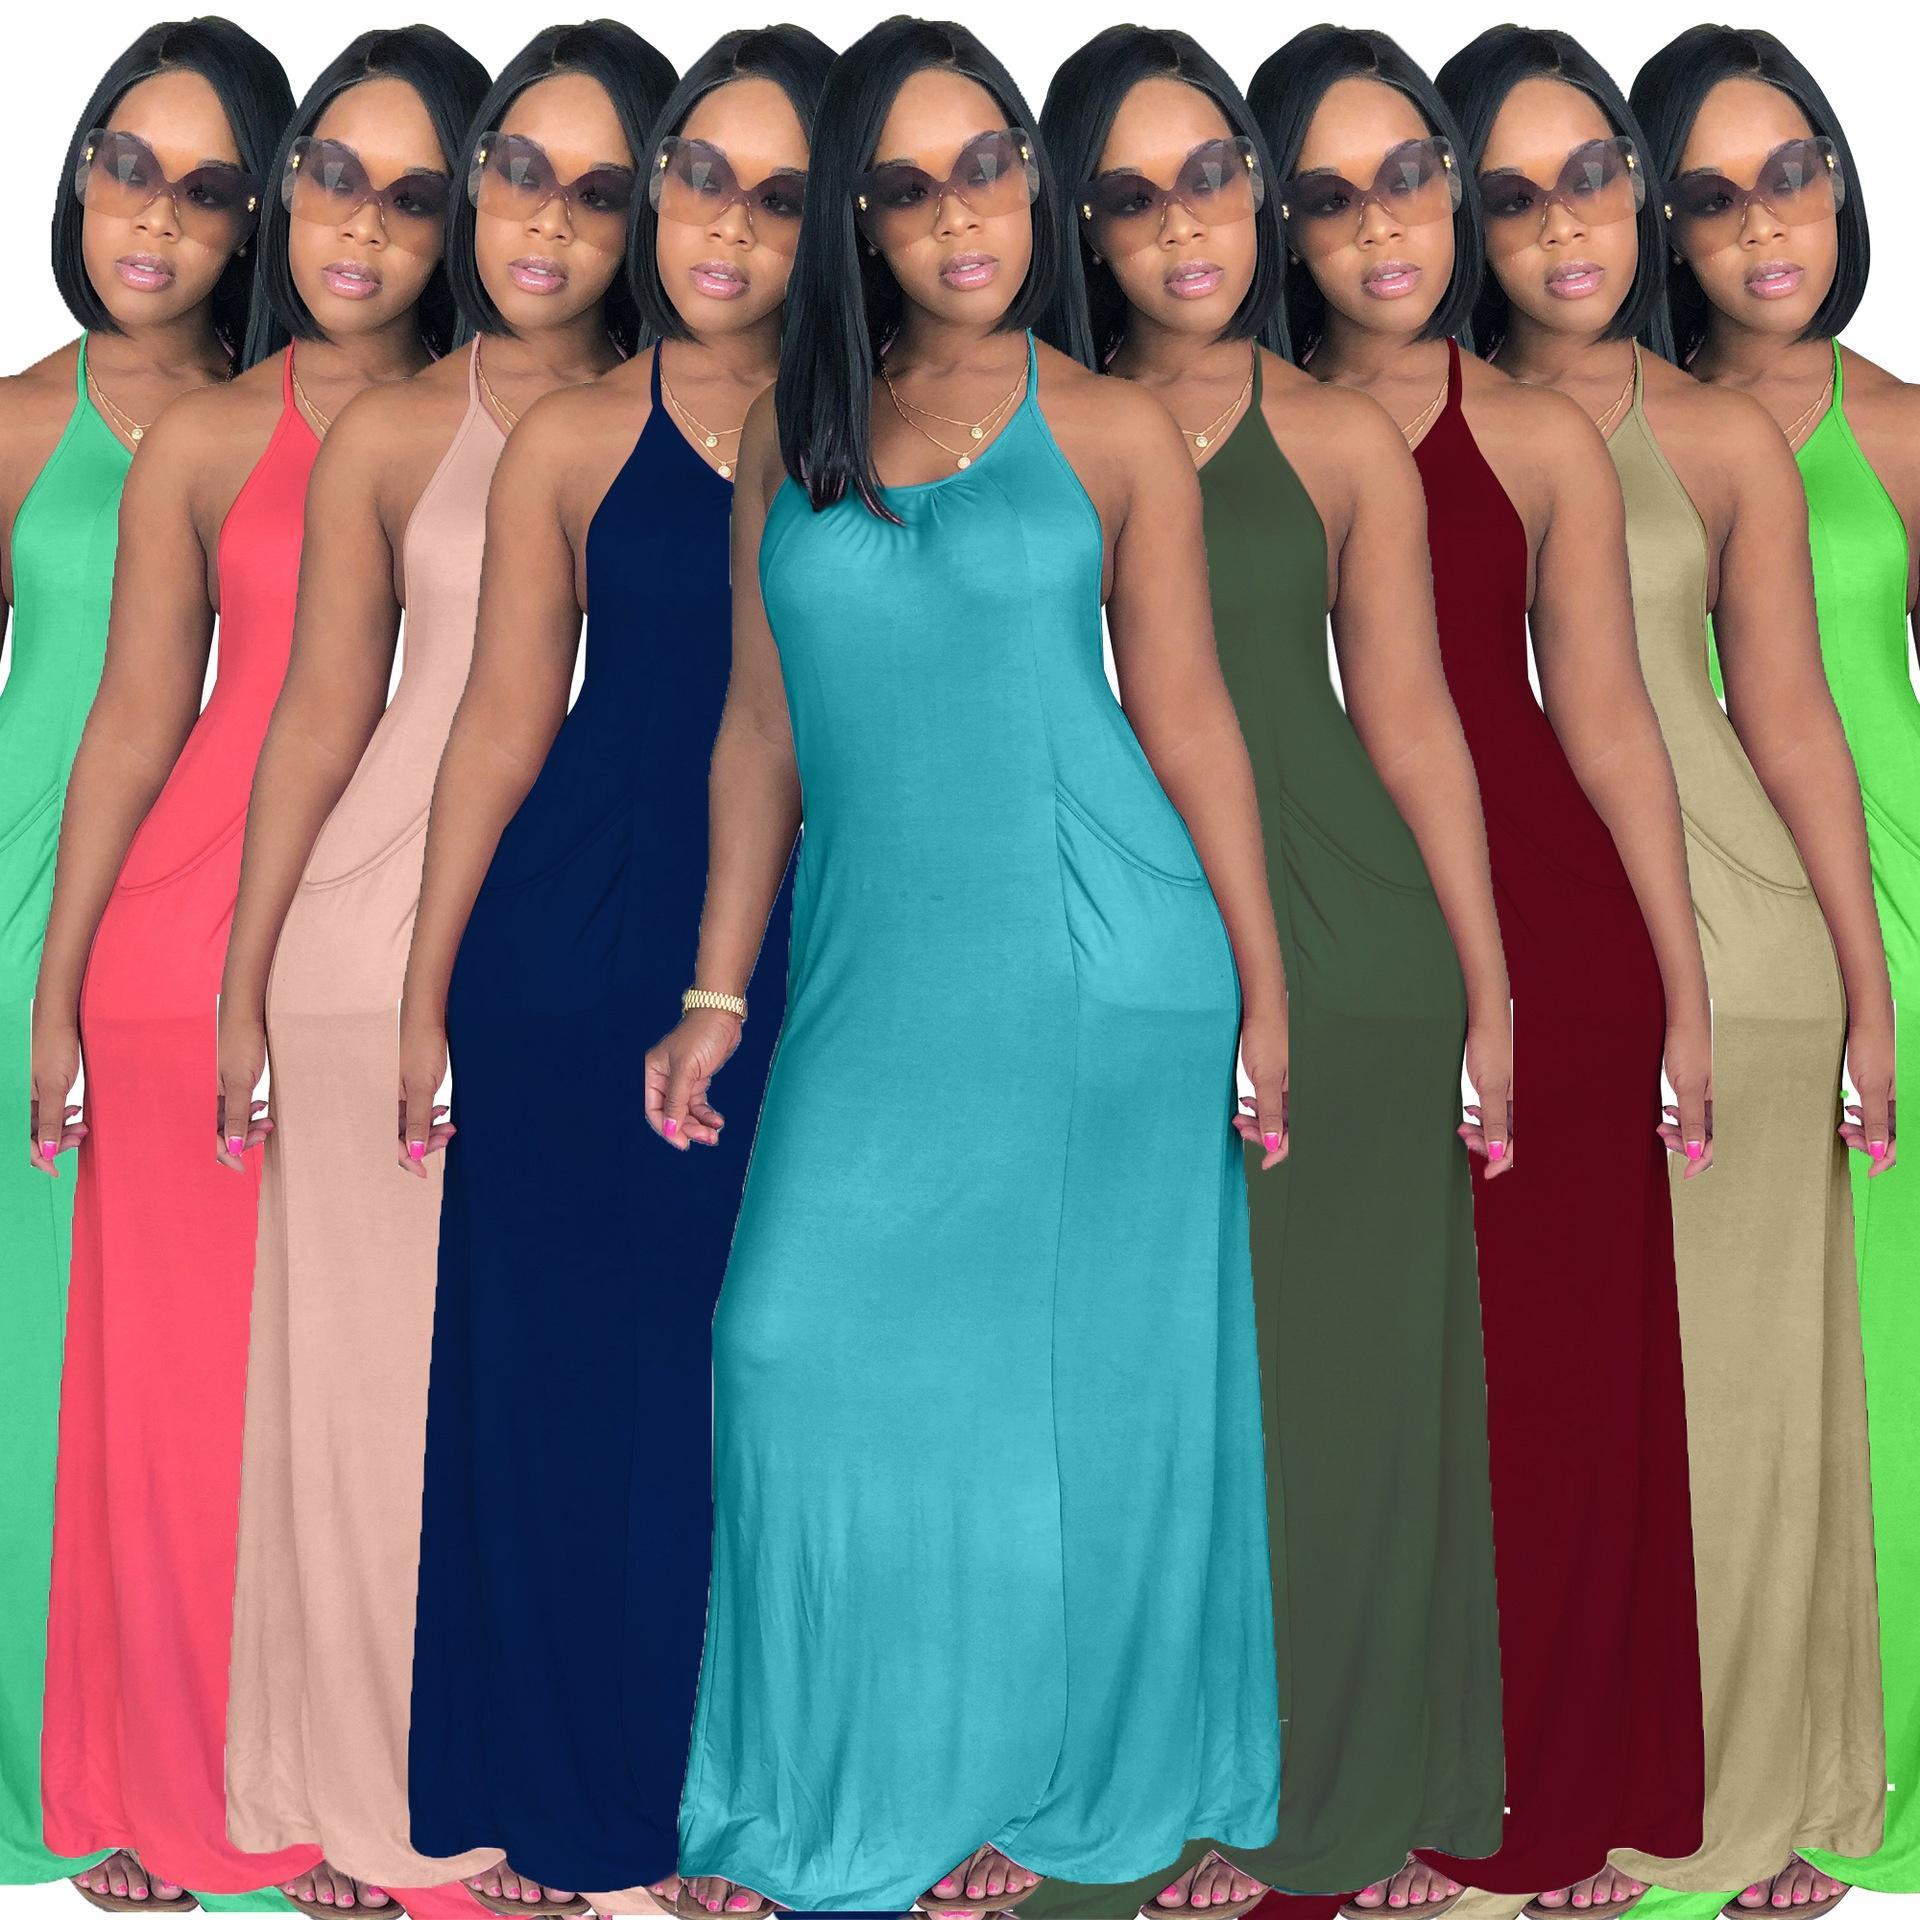 2af6f7908b Summer Women Casual Halter Maxi Dresses Solid Stretchy Cute Sleeveless  Loose Jumpers Backless Long Base Dress Elegant Primer Dresses Junior  Cocktail Dresses ...